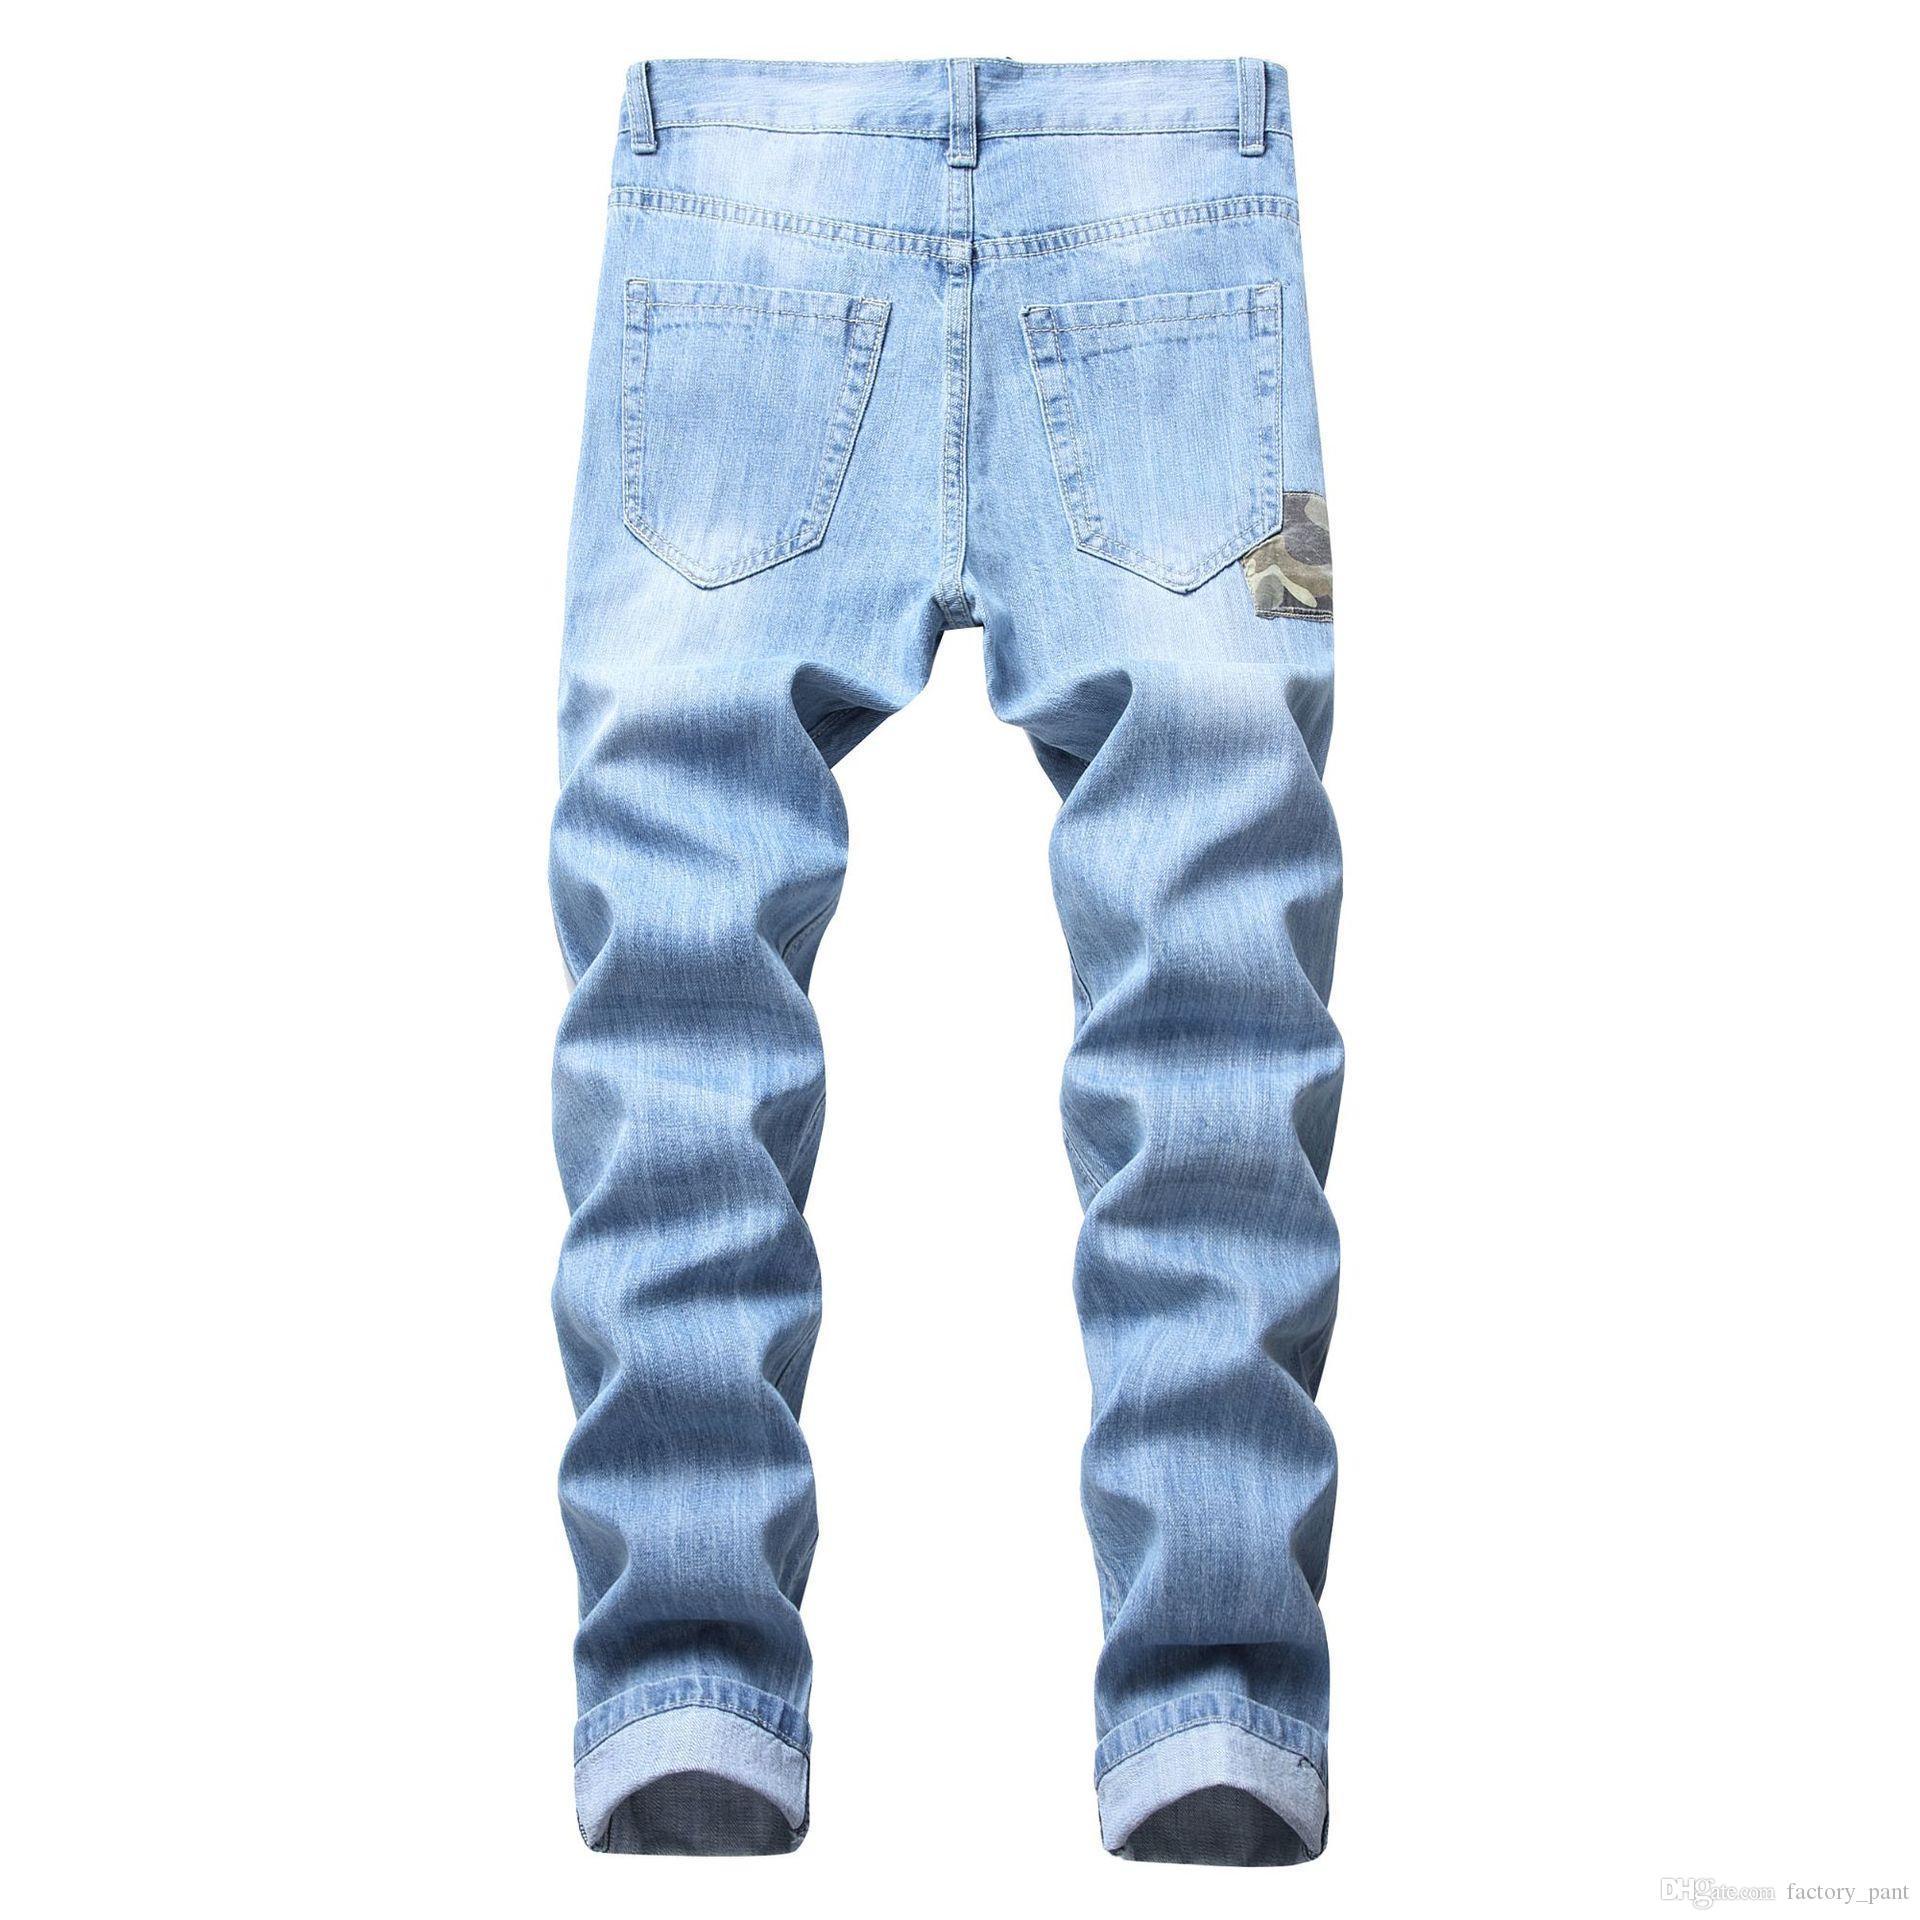 Herren Jeans Stretch Zerstört Ripped Design Mode-Patchwork dünne Jeans für Männer Slim Fit Biker Holes Cotton Denim-Hosen Freeshipping